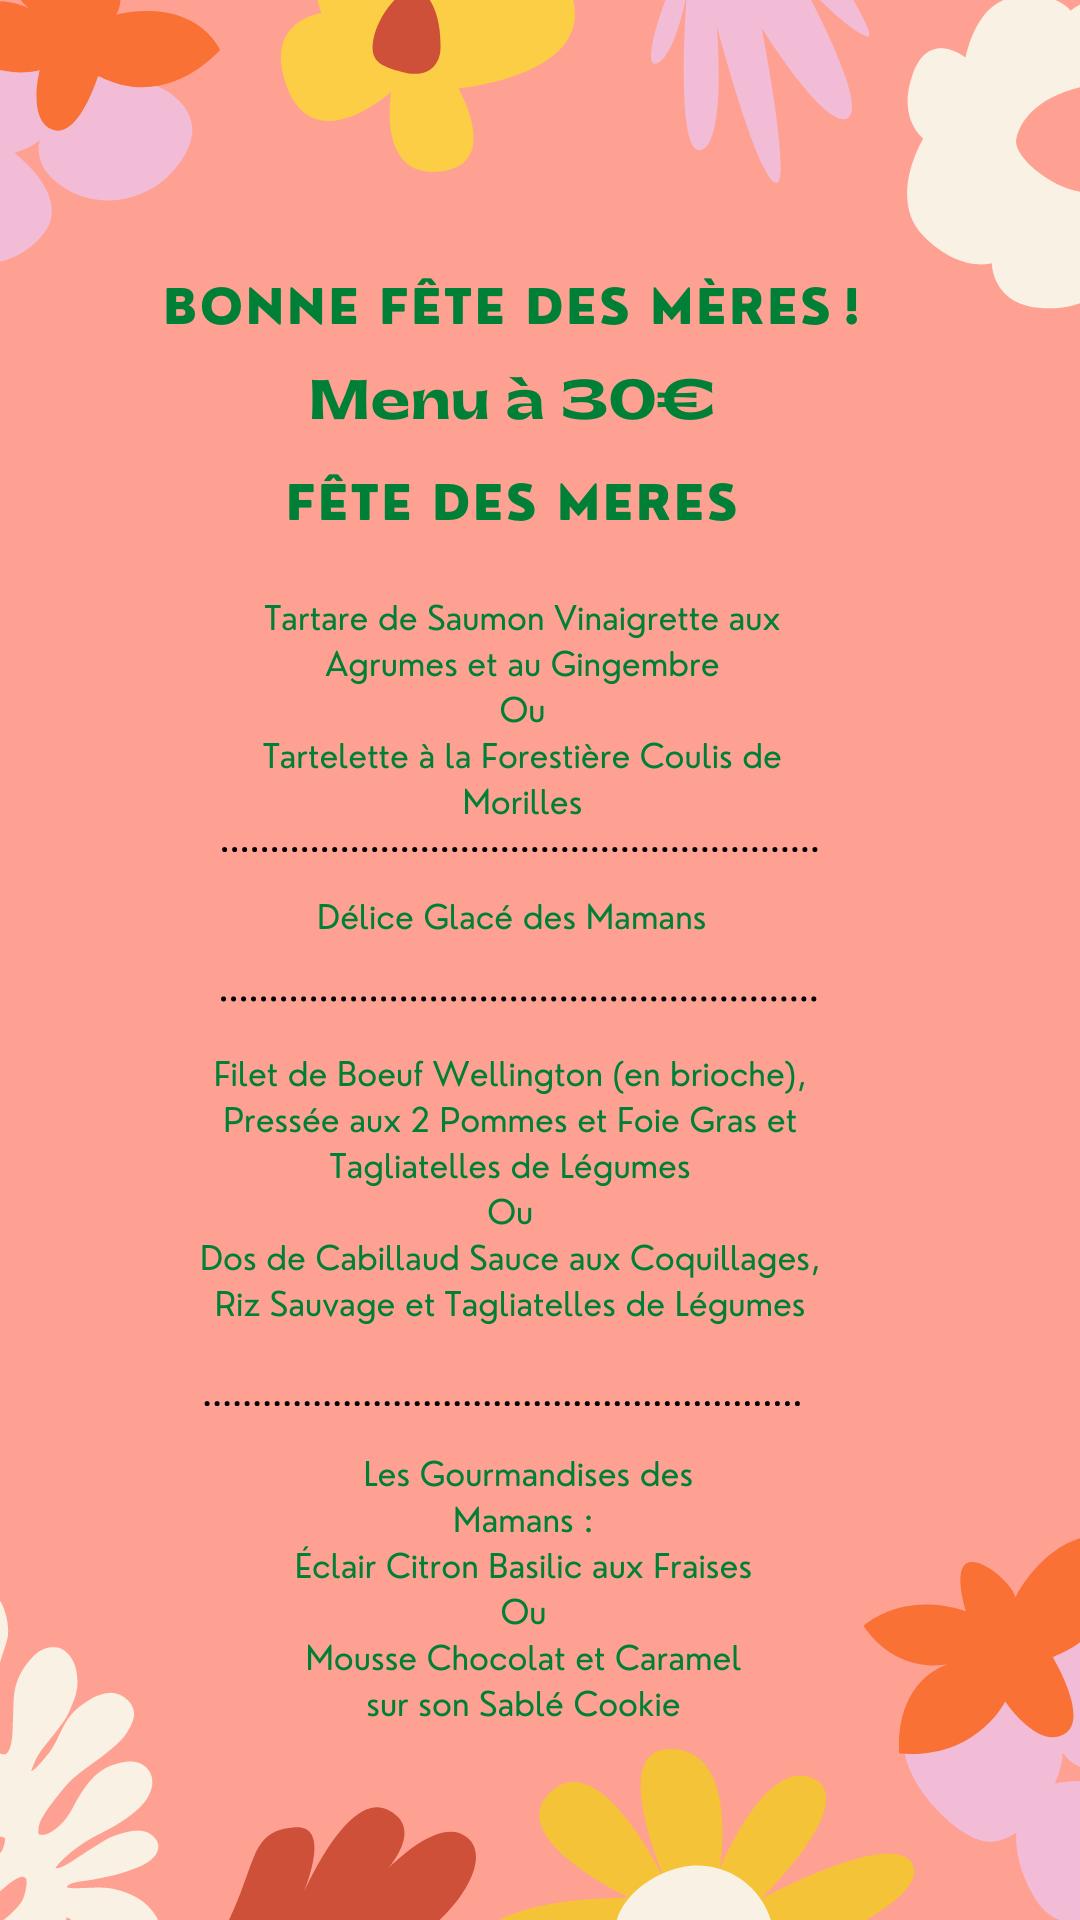 Vert Floral Fête des mères Bio Formes Instagram Story